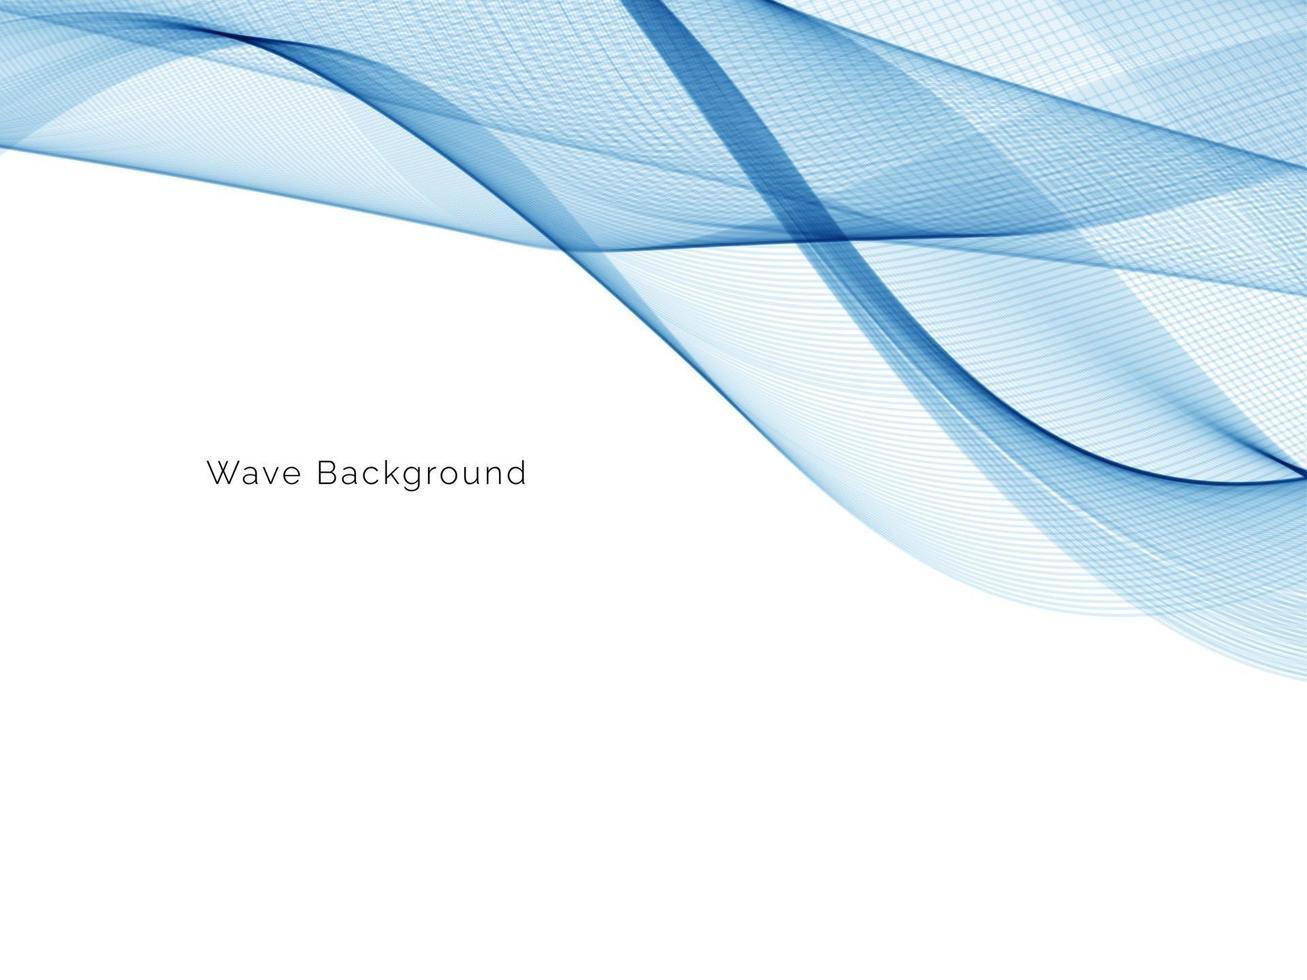 conception de vague bleue qui coule fond élégant vecteur